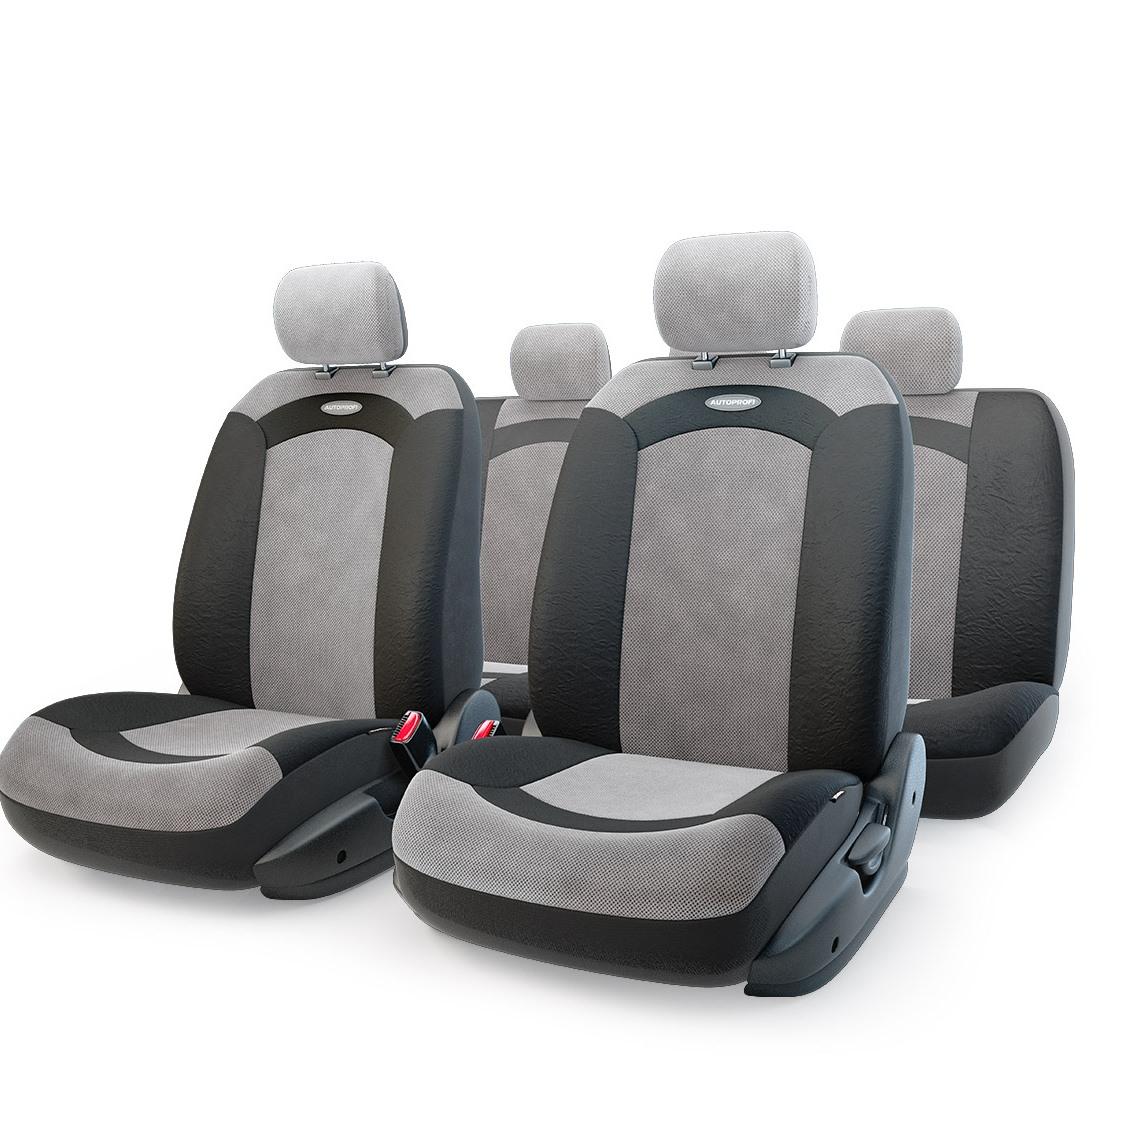 Чехол на сиденье Autoprofi Xtr-803 bk/gy (m) чехол autoprofi comfort combo black dark grey cmb 1105 bk d gy m